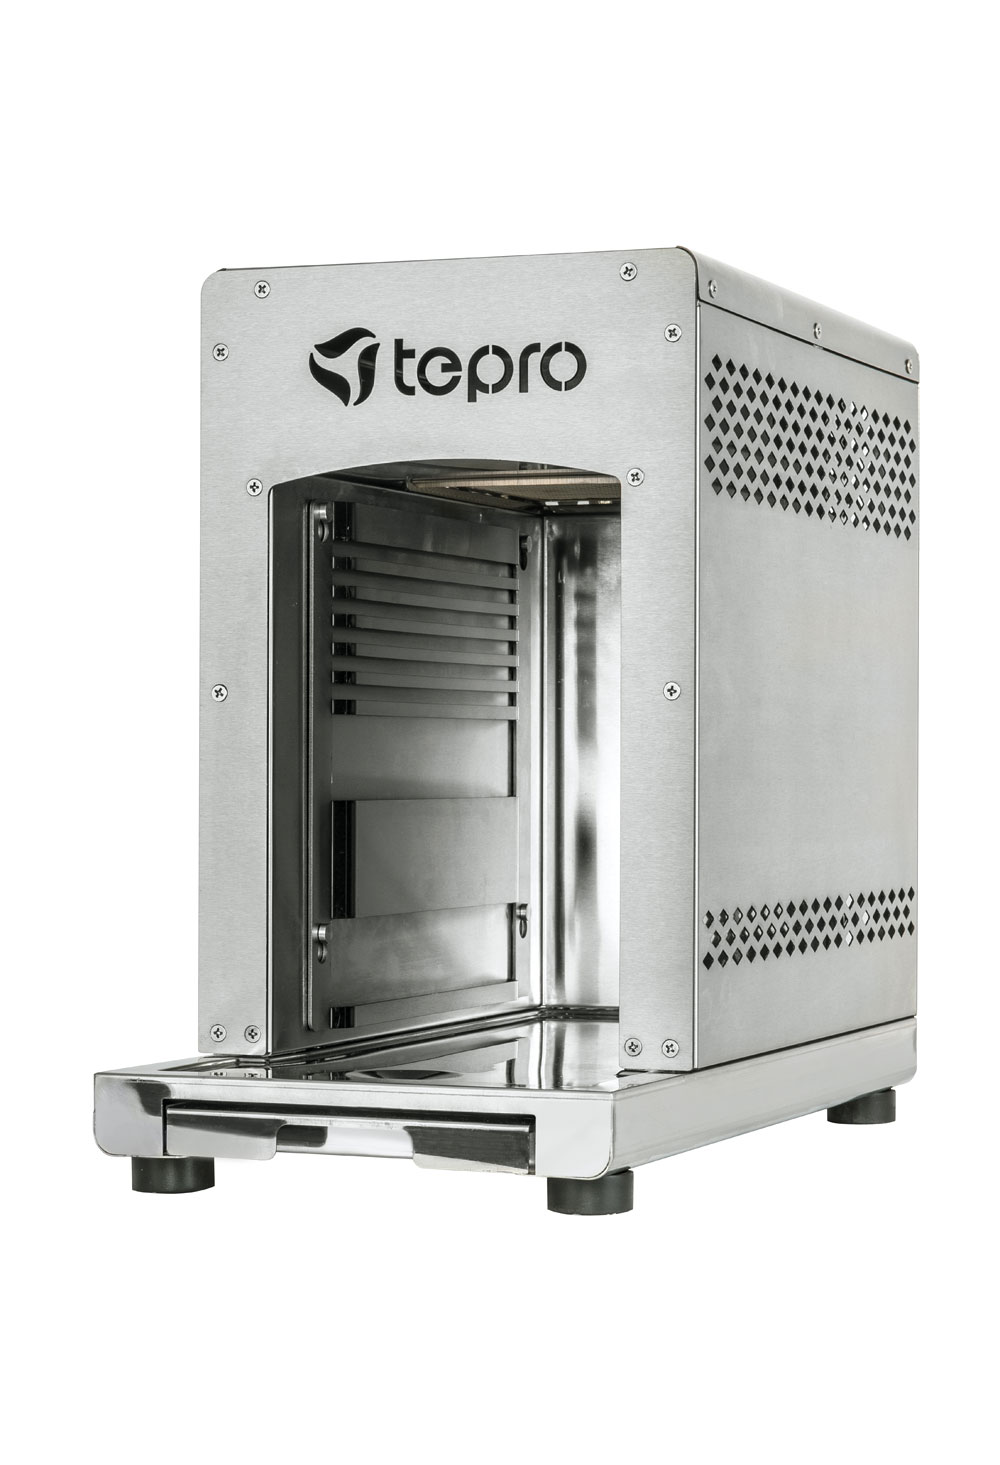 Tepro Steakgrill / Oberhitze Gasgrill / Tischgrill Toronto 31,5x15,4cm Bild 3